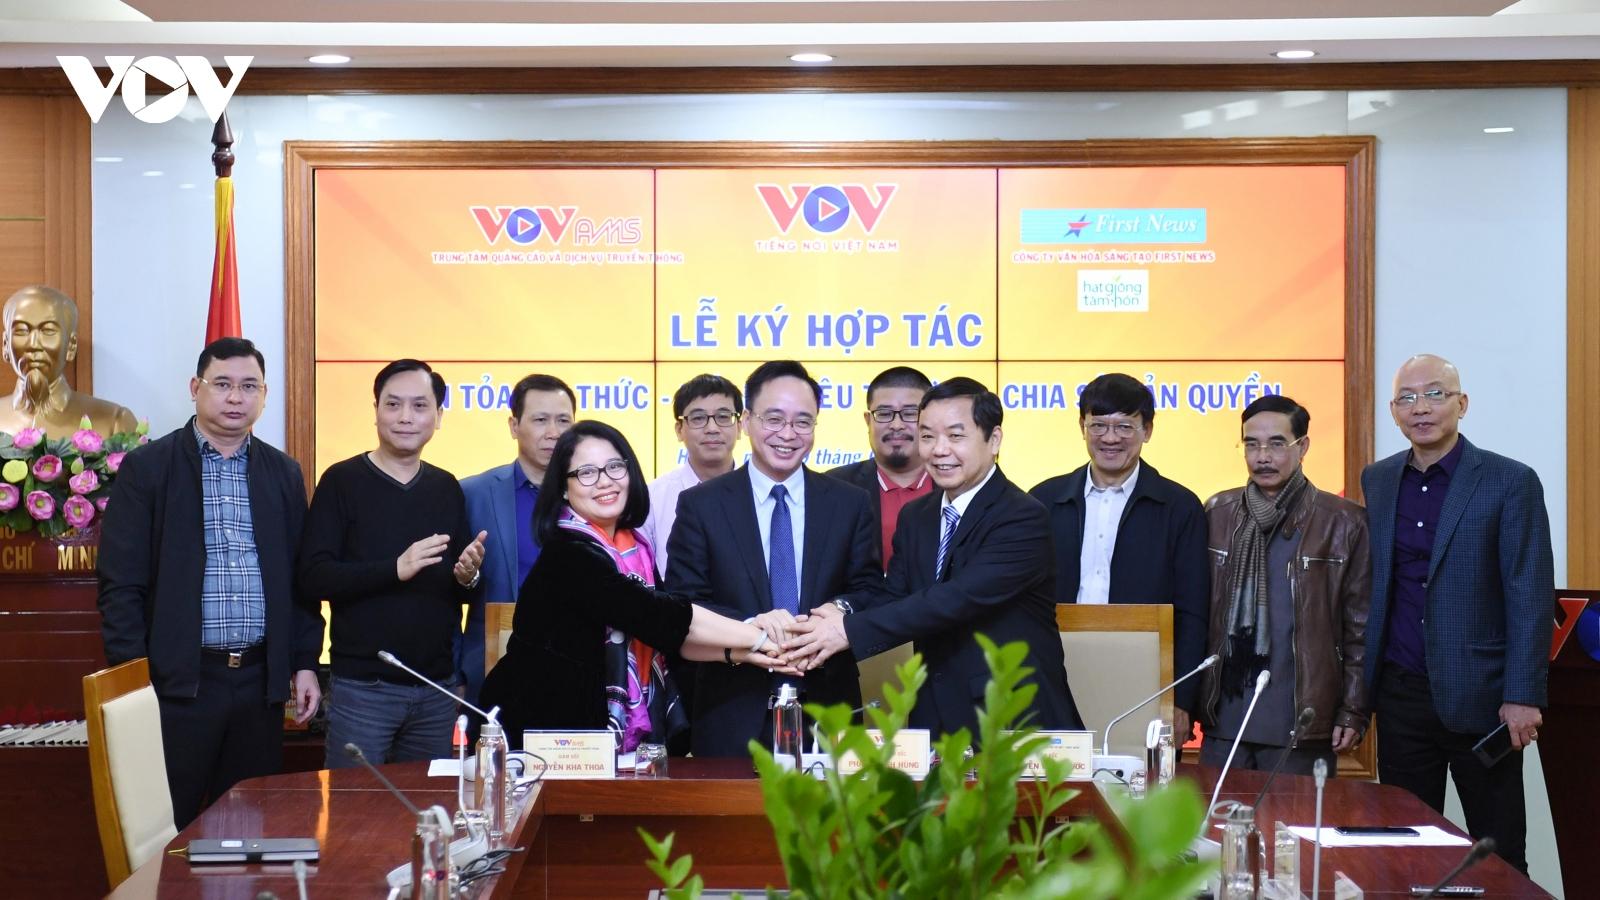 VOV và First News - Trí Việt hợp tác chia sẻ bản quyền, lan toả tri thức